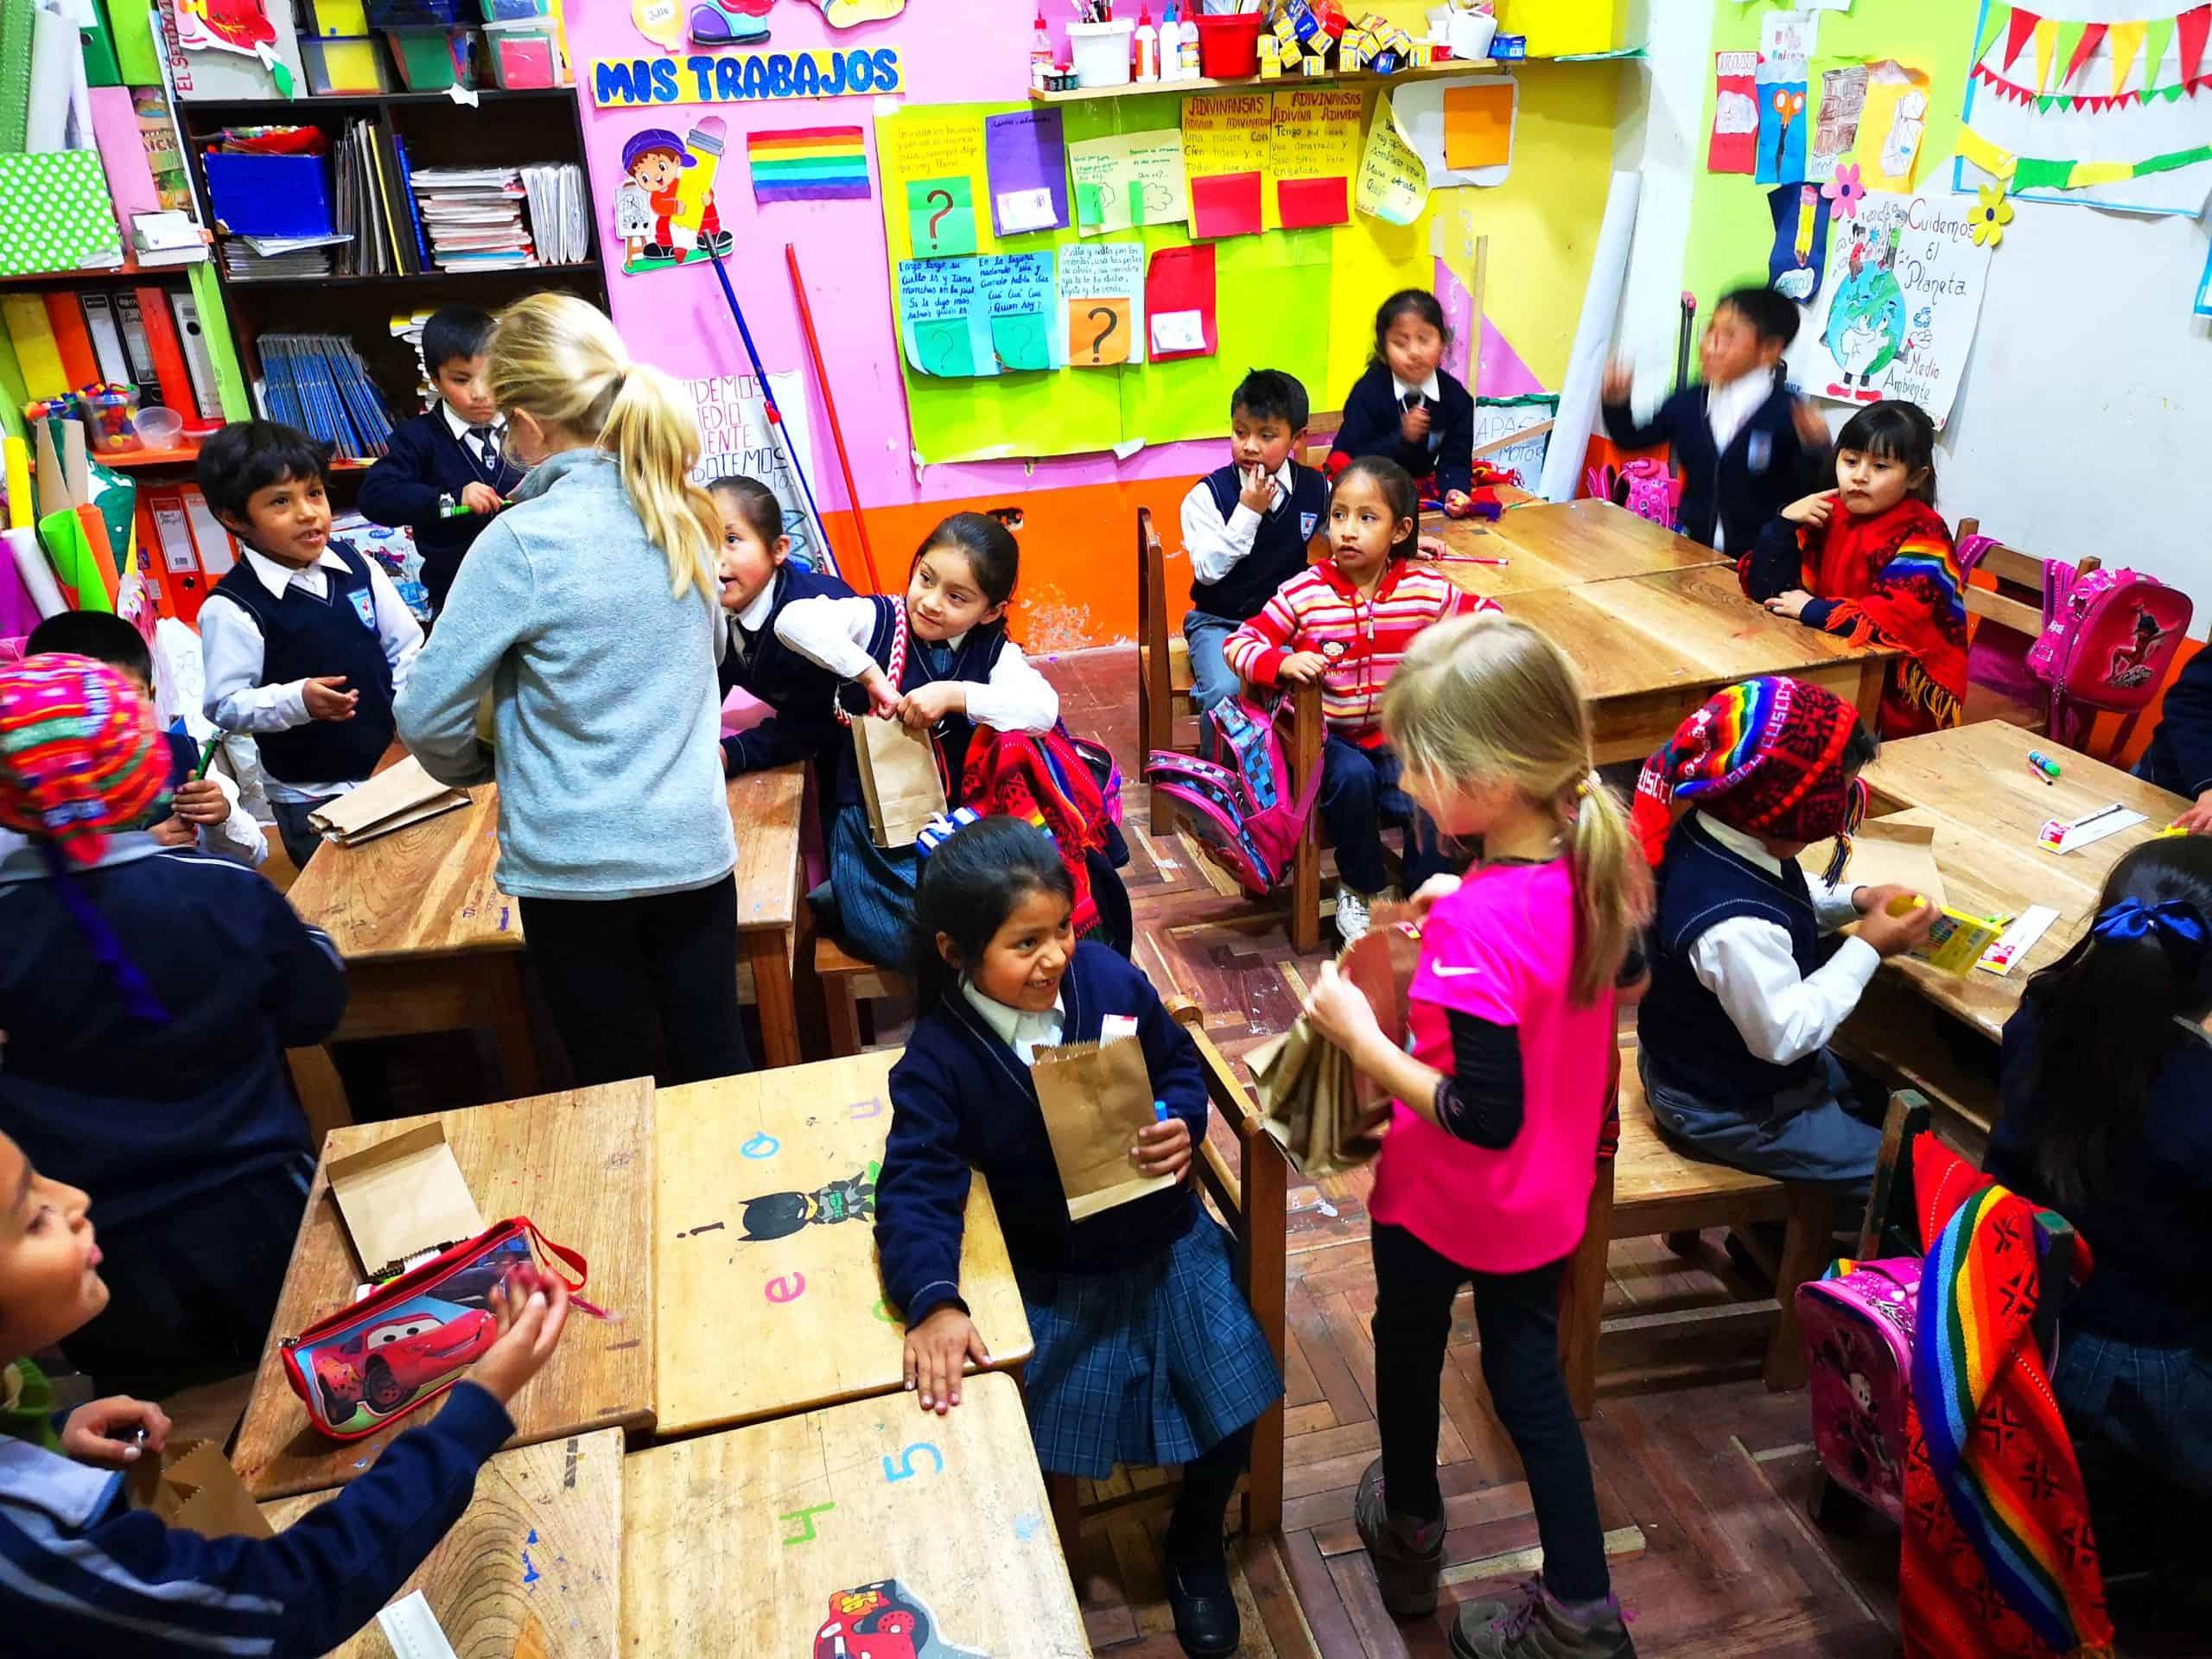 Wakacje rodzinne w Peru, czyli podróże z dziećmi po regionie Cusco